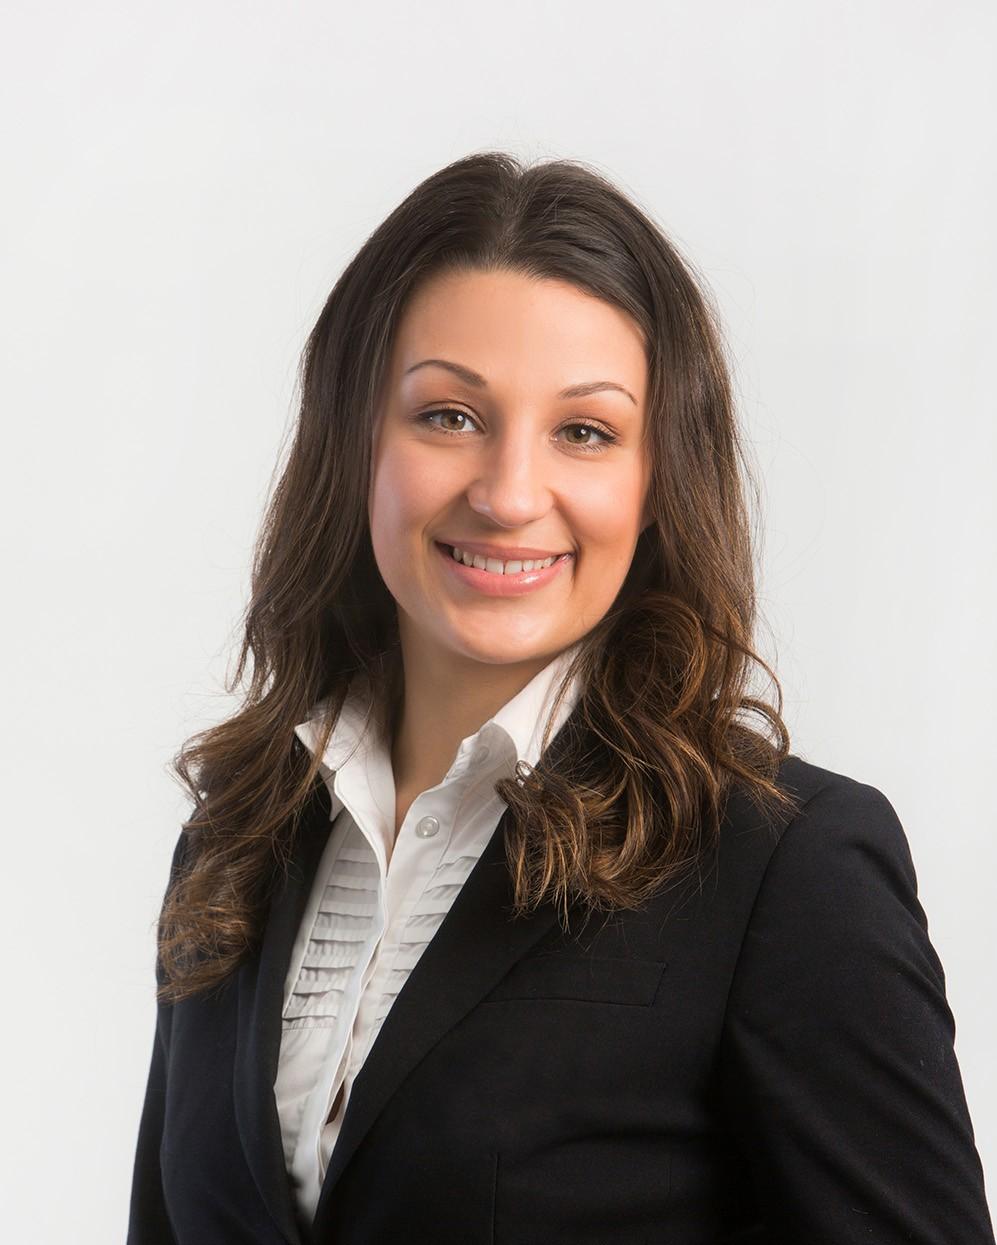 Stacey Jane Micallef